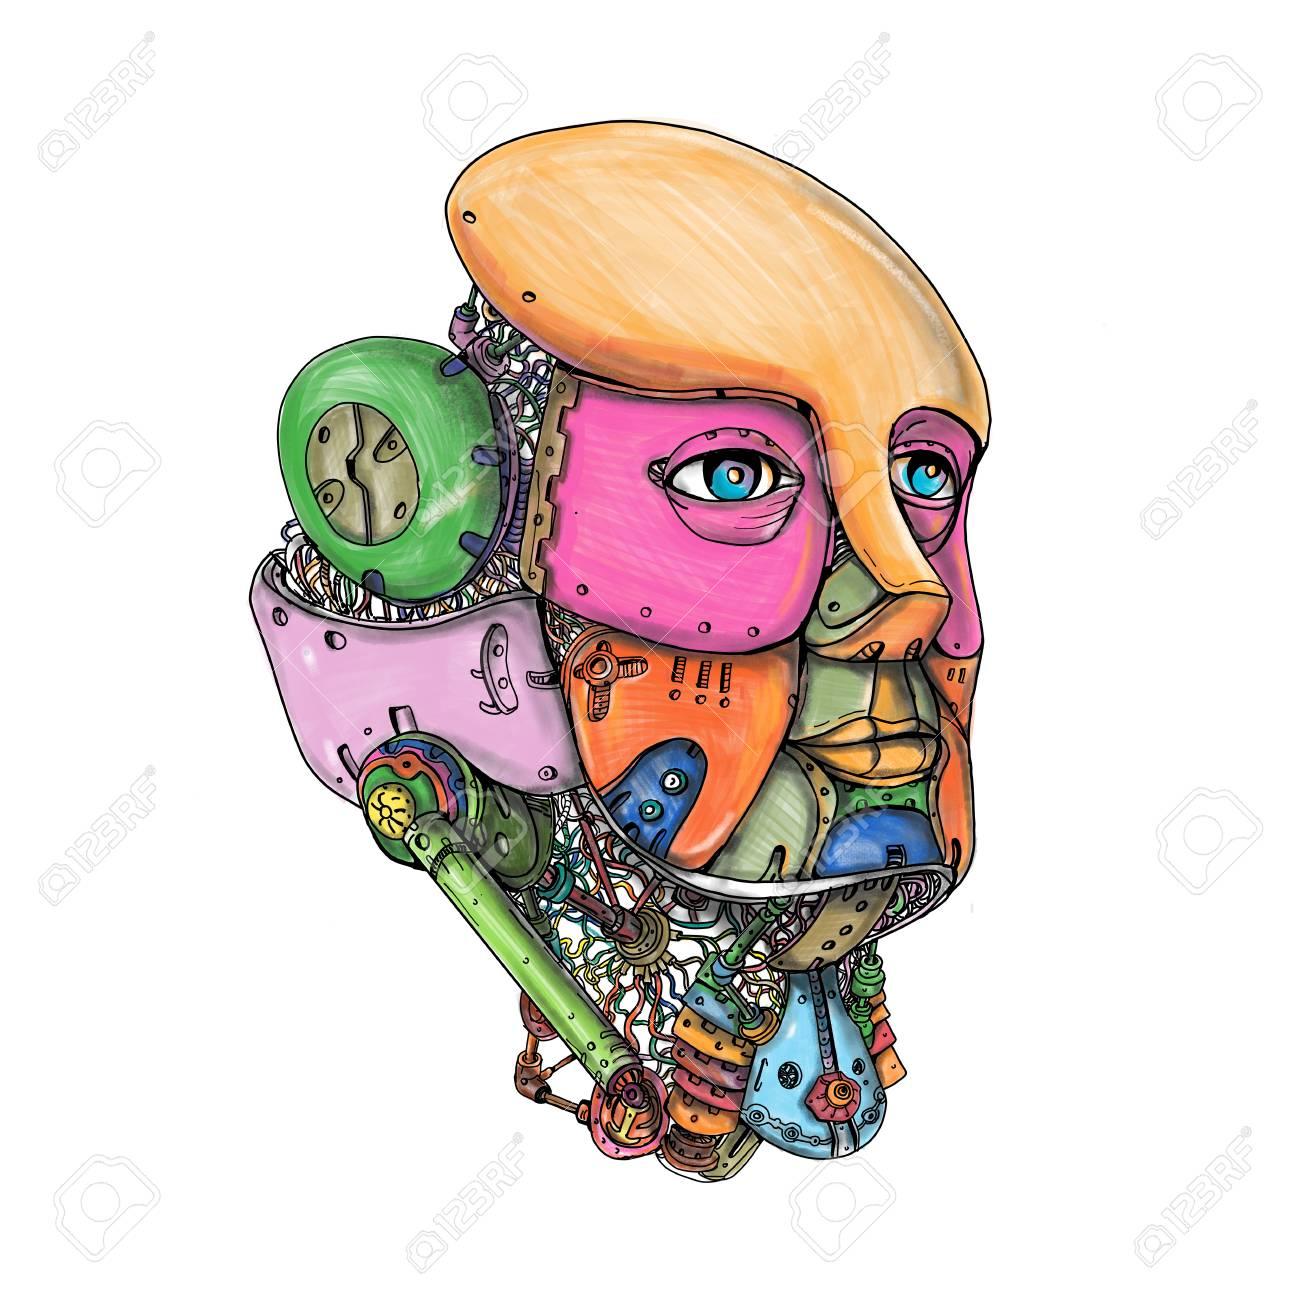 楽しみにして孤立の背景に女性のアンドロイド ロボットの Ai 人工知能頭